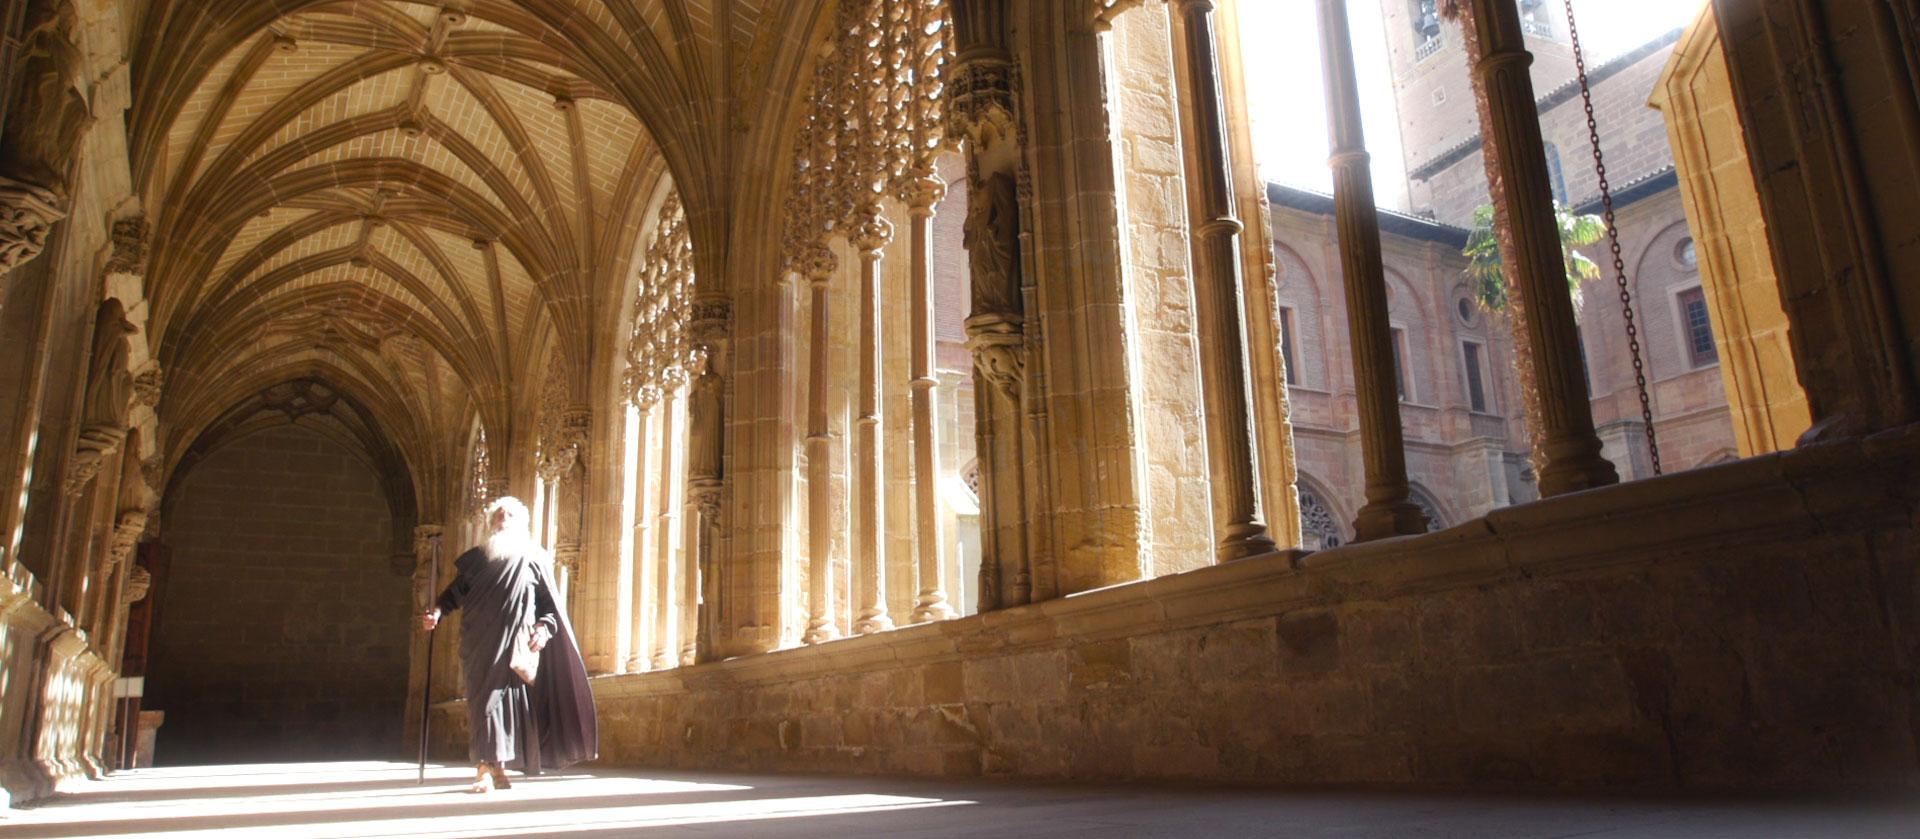 La serie internacional para Amazon 3Caminos llega este fin de semana a La Rioja, gracias al apoyo de La Rioja Film Commission